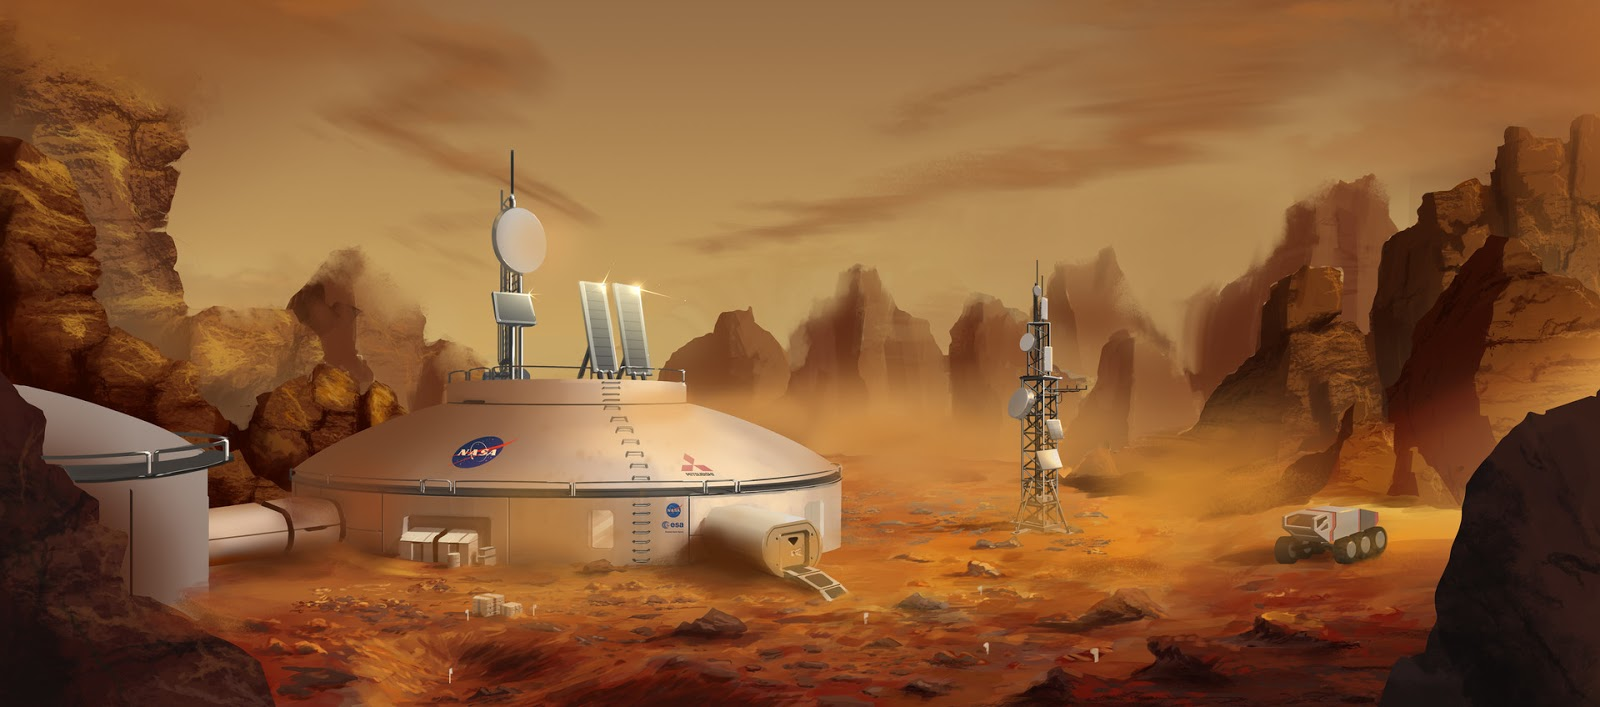 NASA Mars base concept by Alexey Rubakin